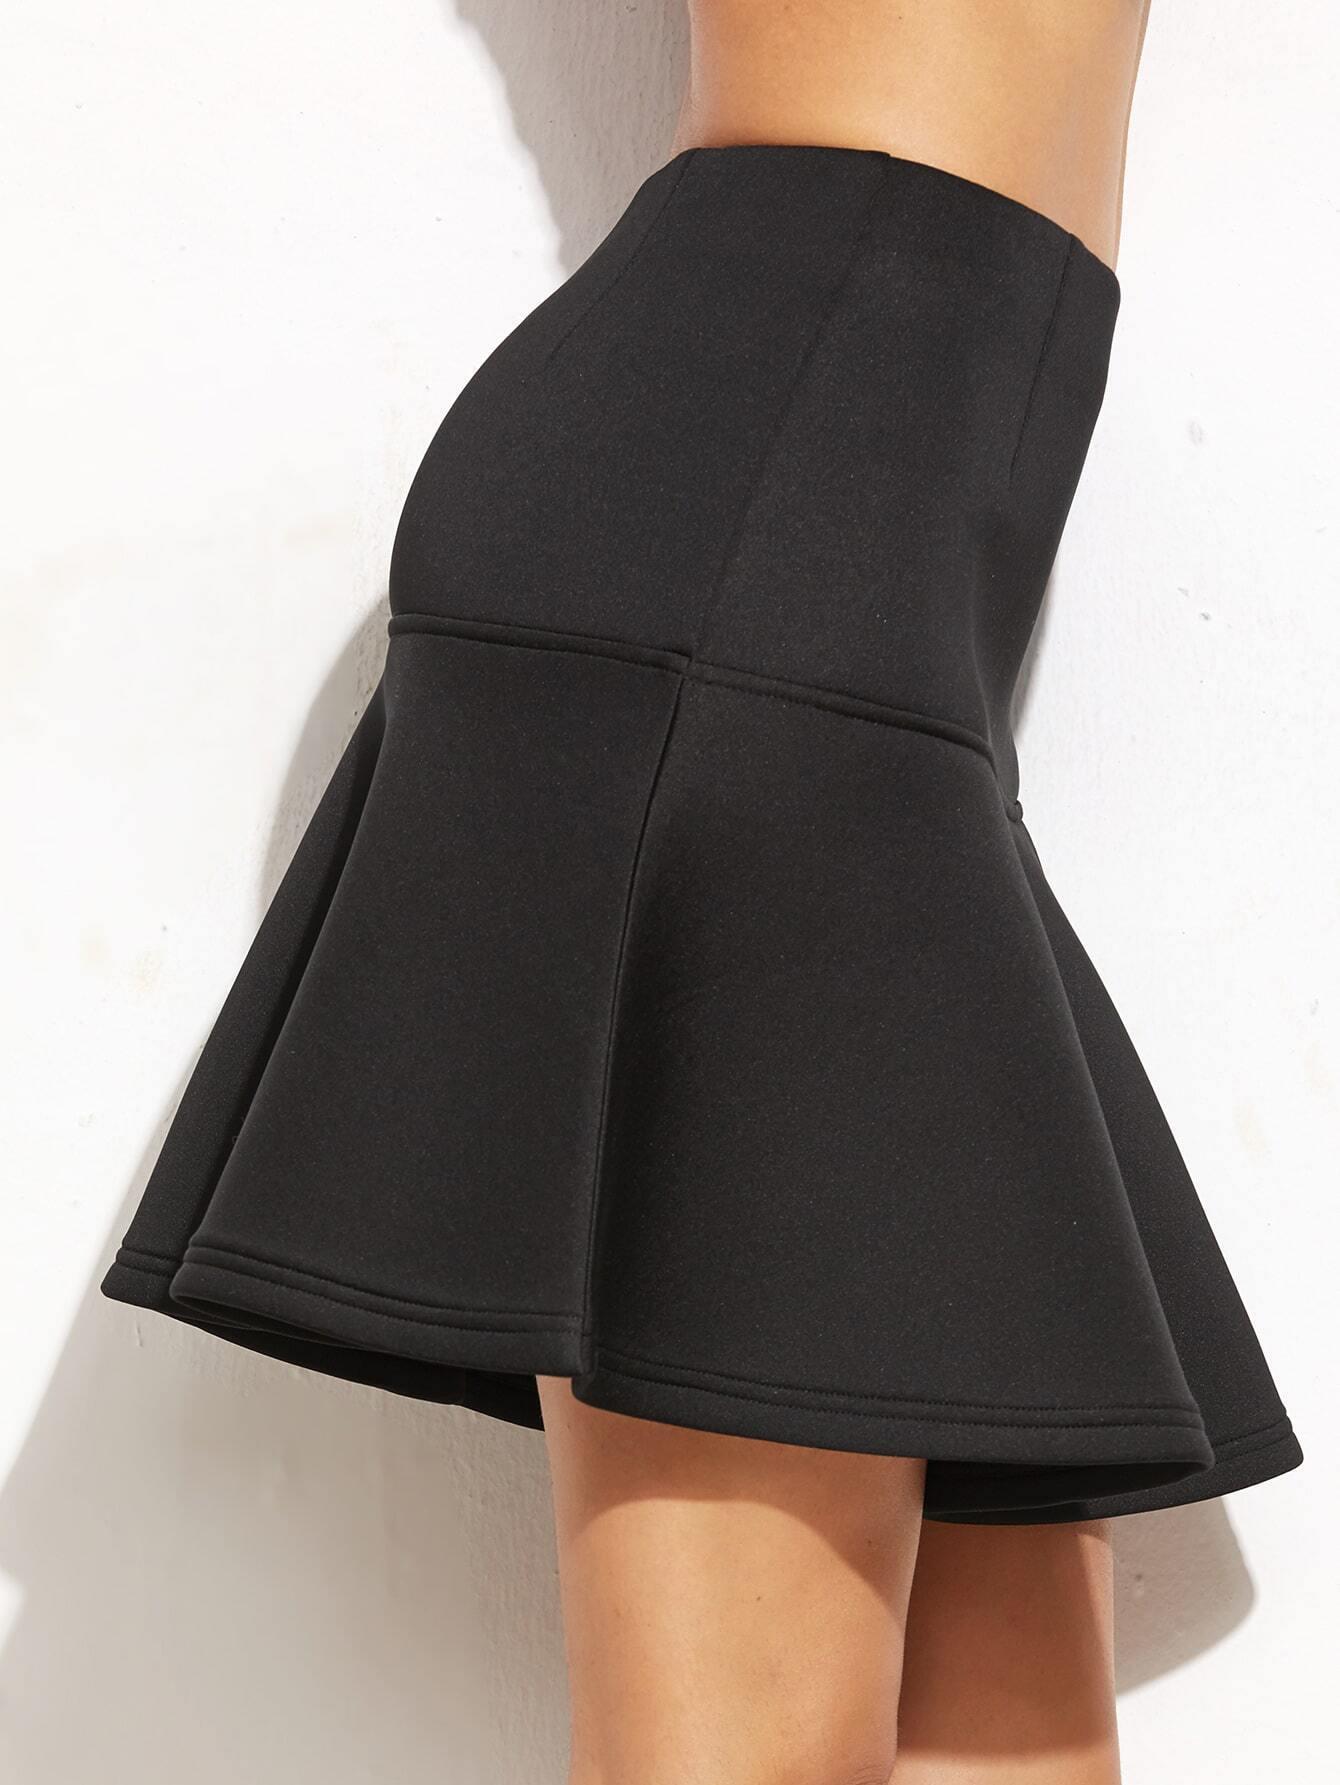 skirt161110450_2